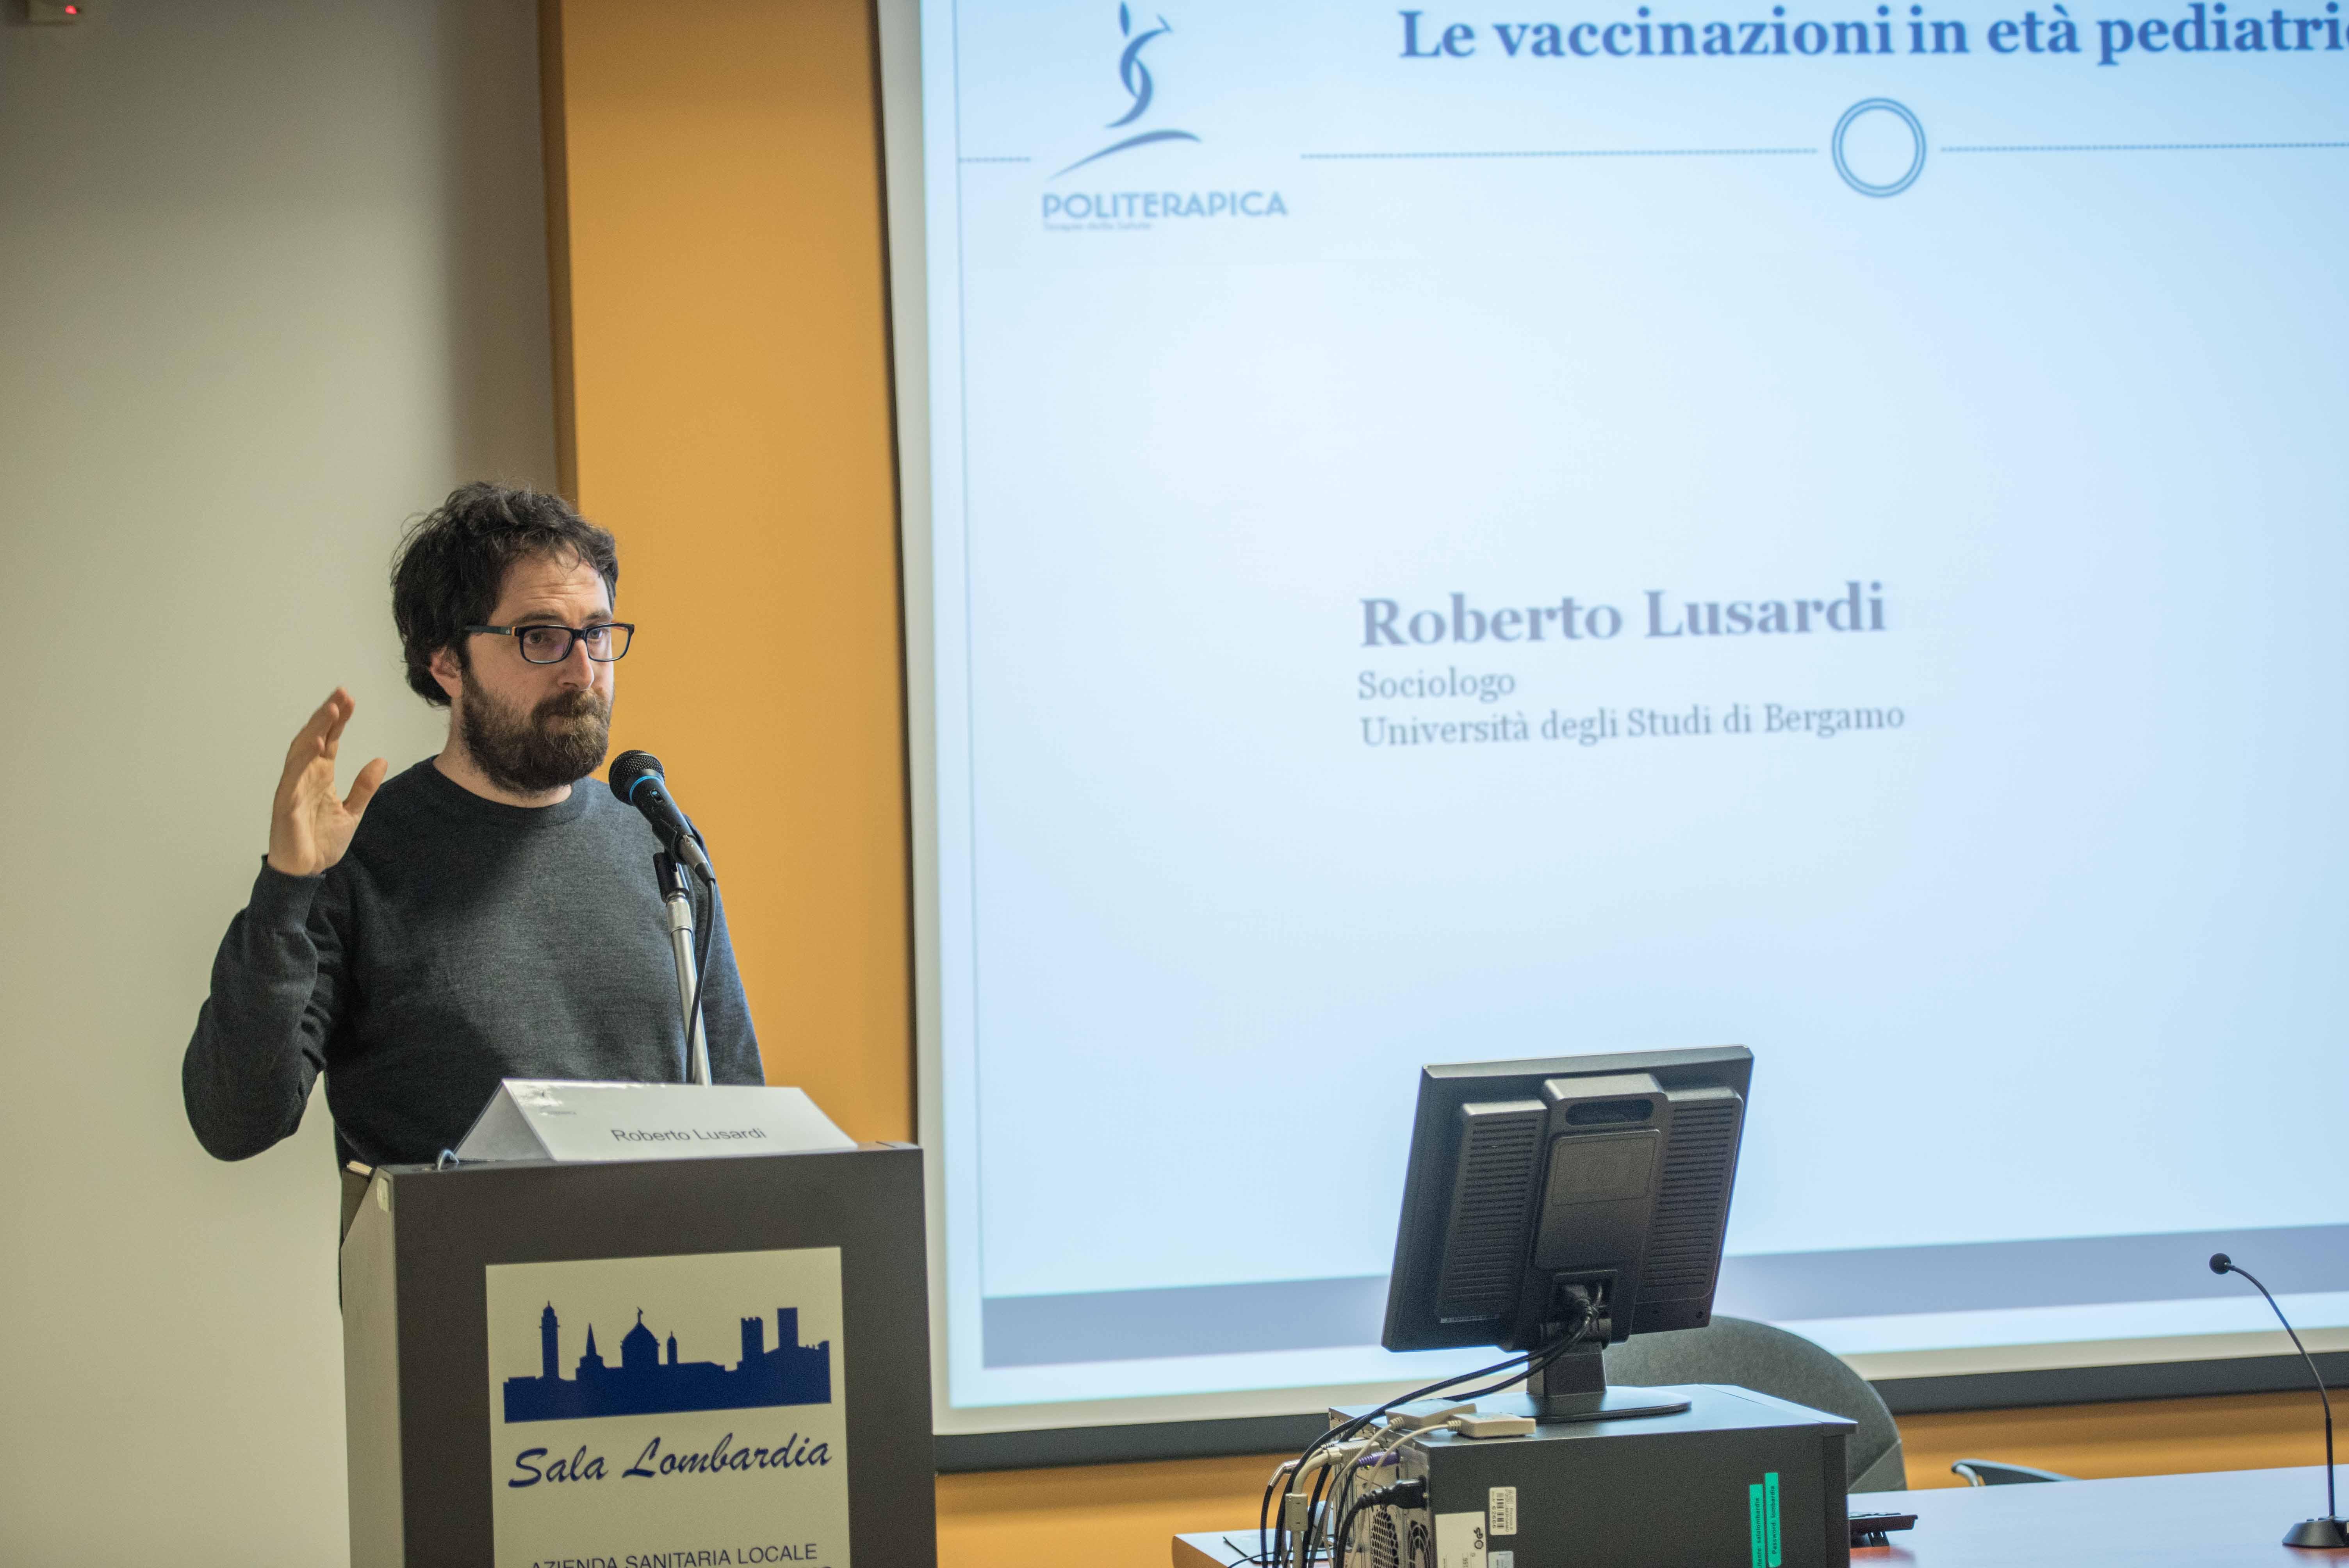 21.11.2015 - Bergamo, Convegno Vaccinazioni in età pediatrica - Interviene Roberto Lusardi